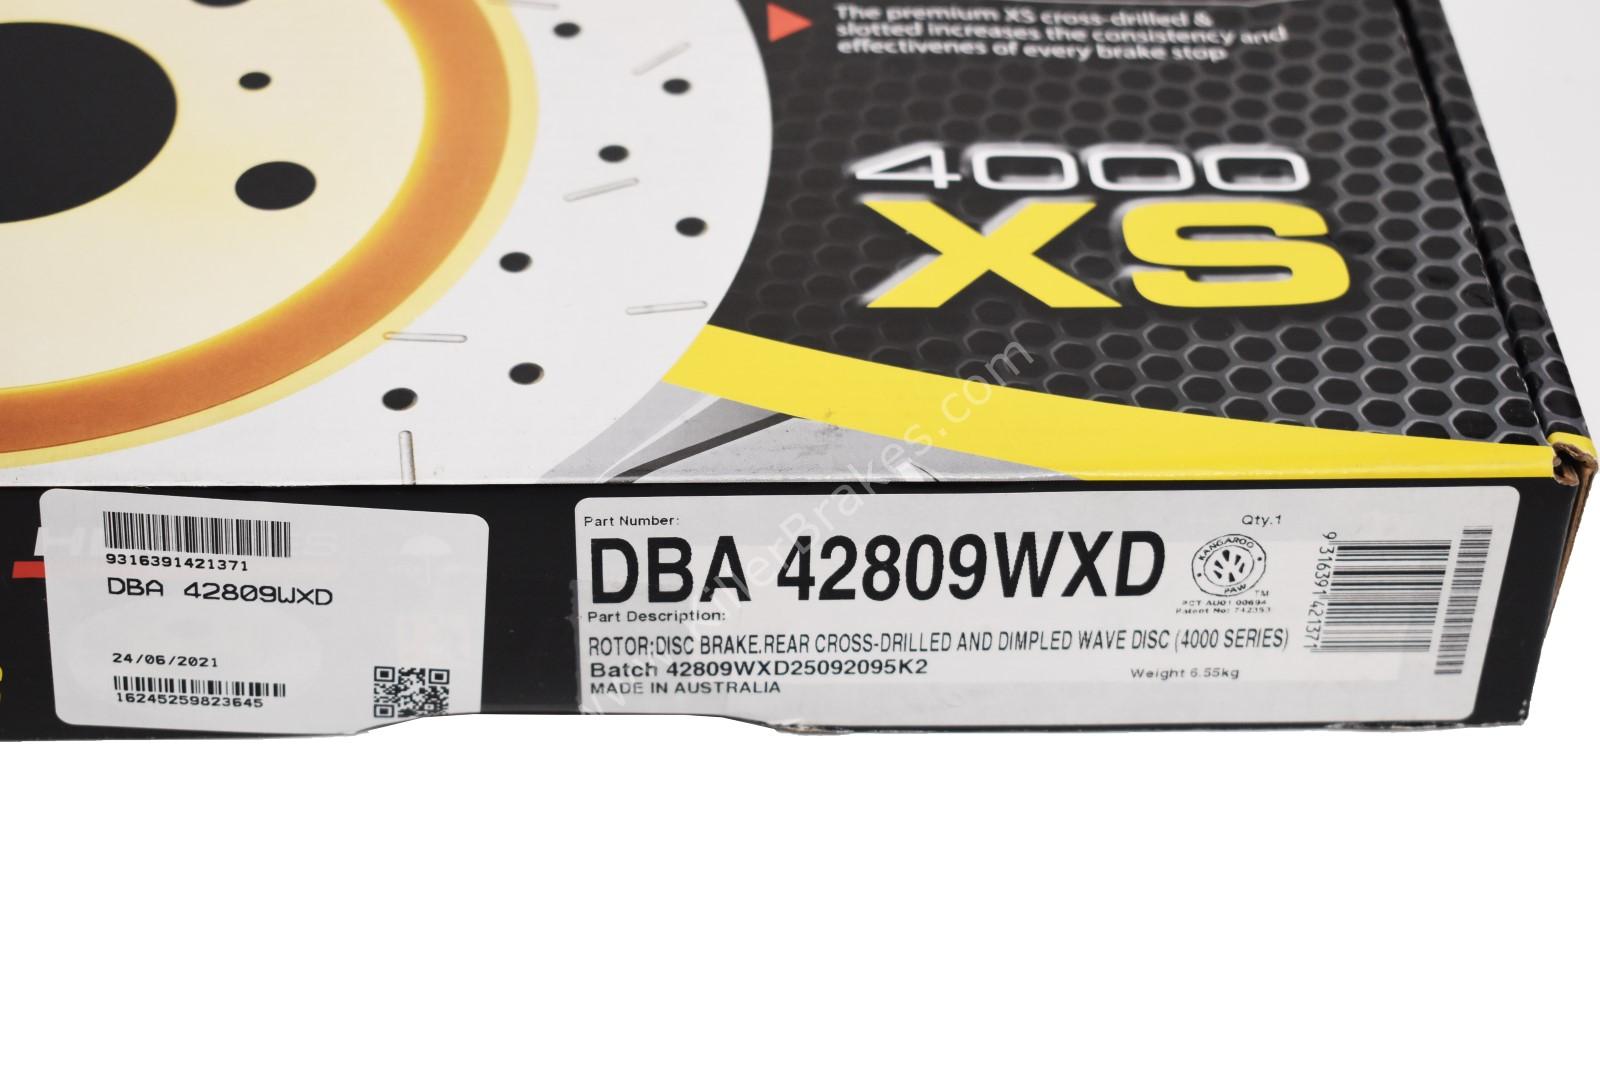 Rear Wave DBA 42809WXD Brake Discs 310x22mm 4000 series T3 Drilled New